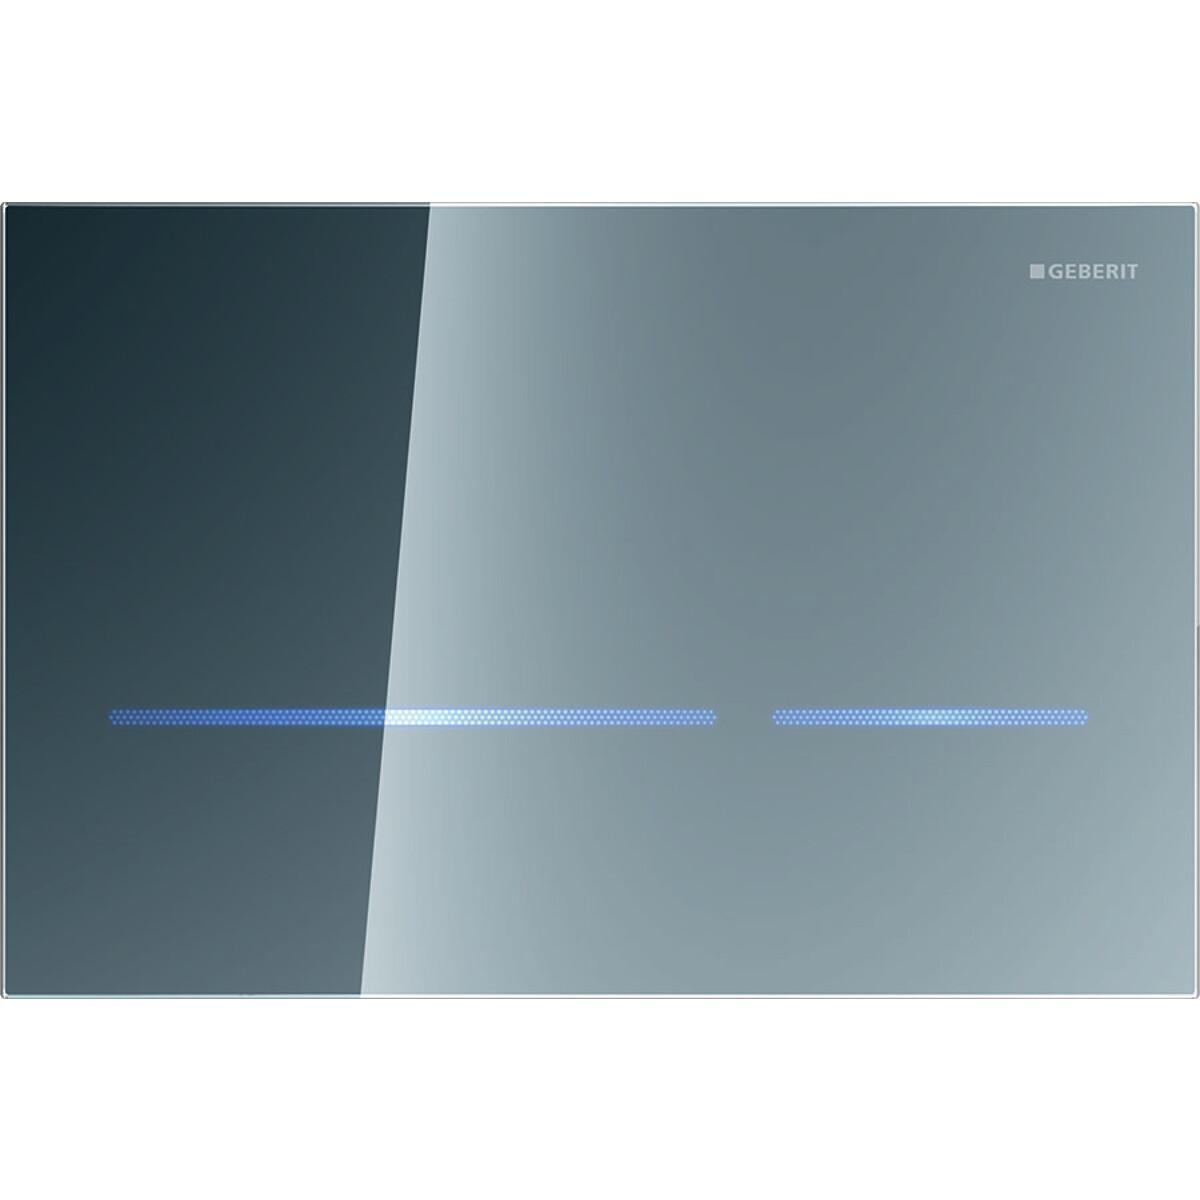 Plaque de déclenchement infrarouge Geberit Sigma80 / Verre réfléchissant